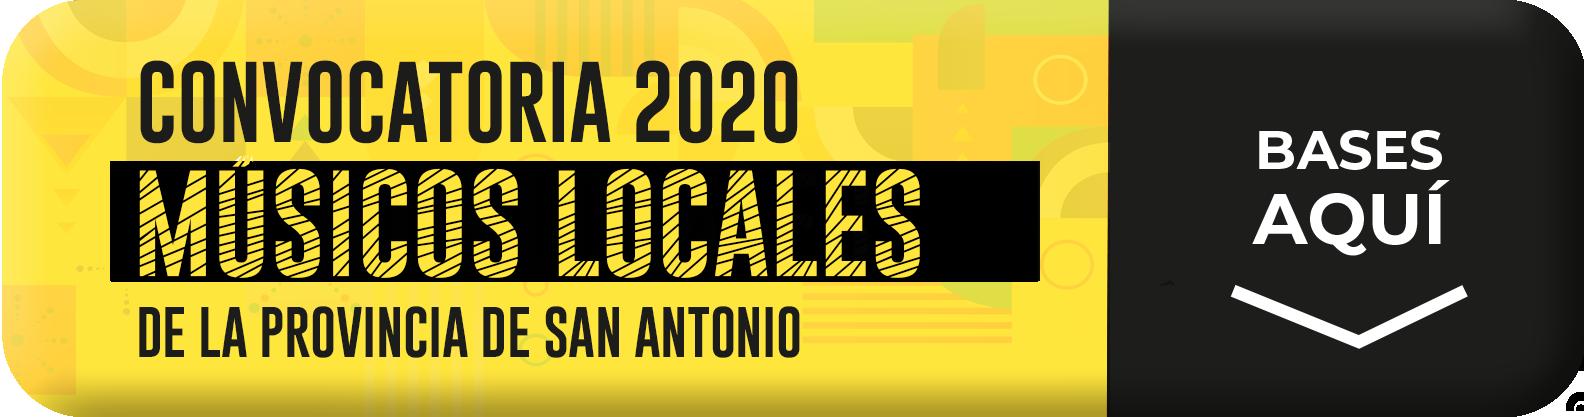 MUSICOS 2020